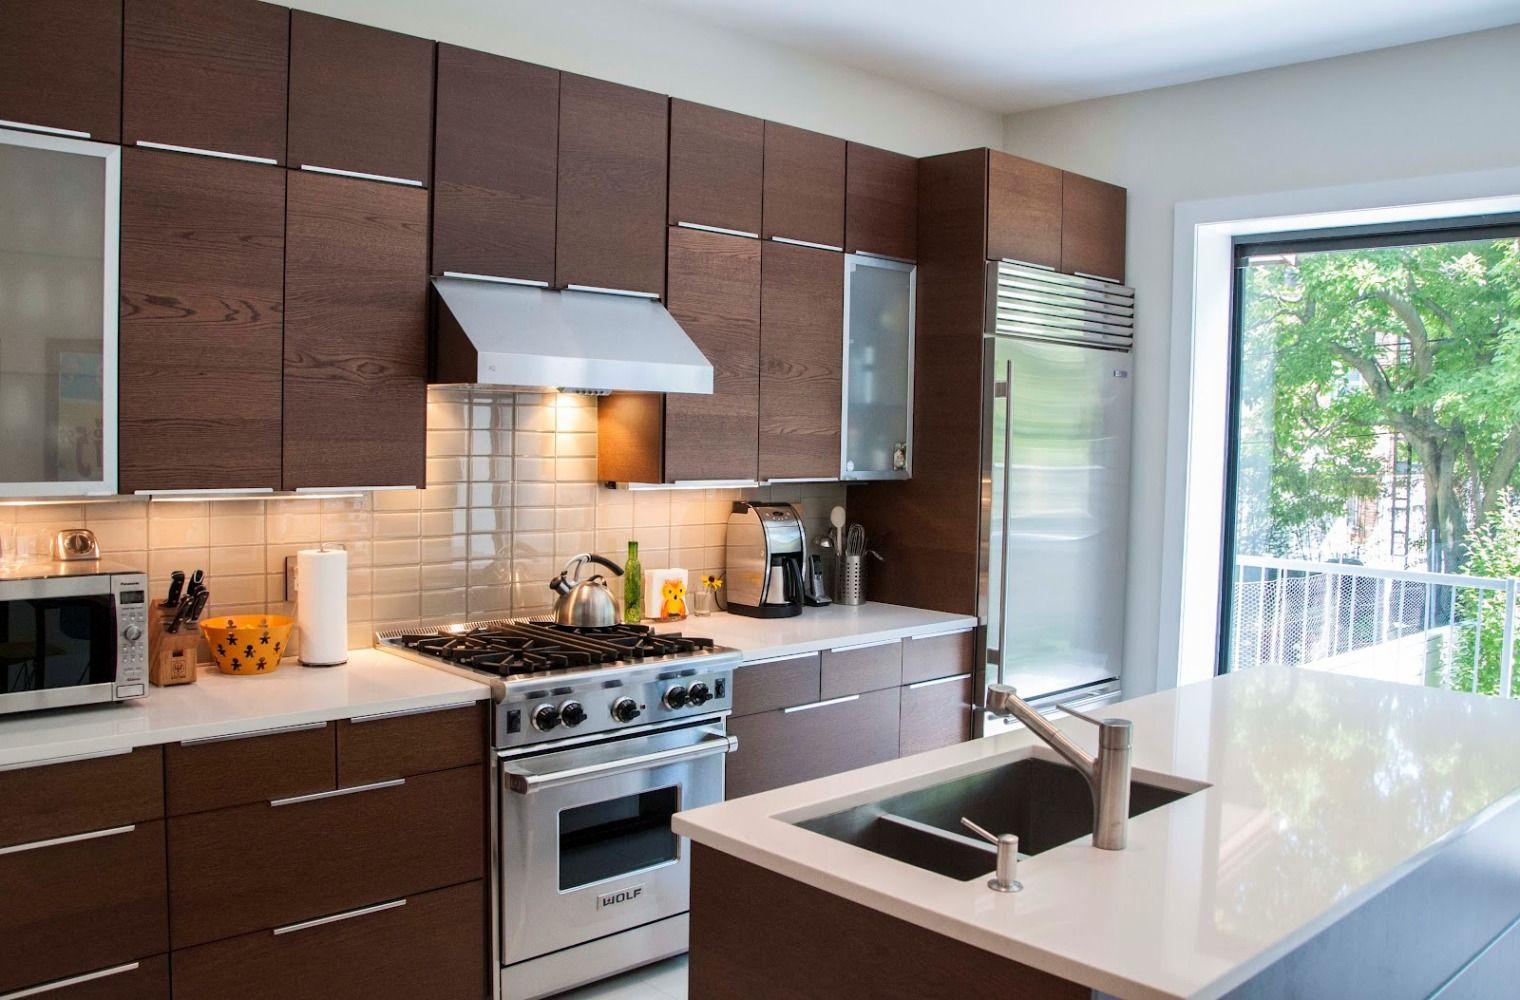 Küchenschrank Design Ideen   Schlafzimmer Überprüfen Sie mehr ...